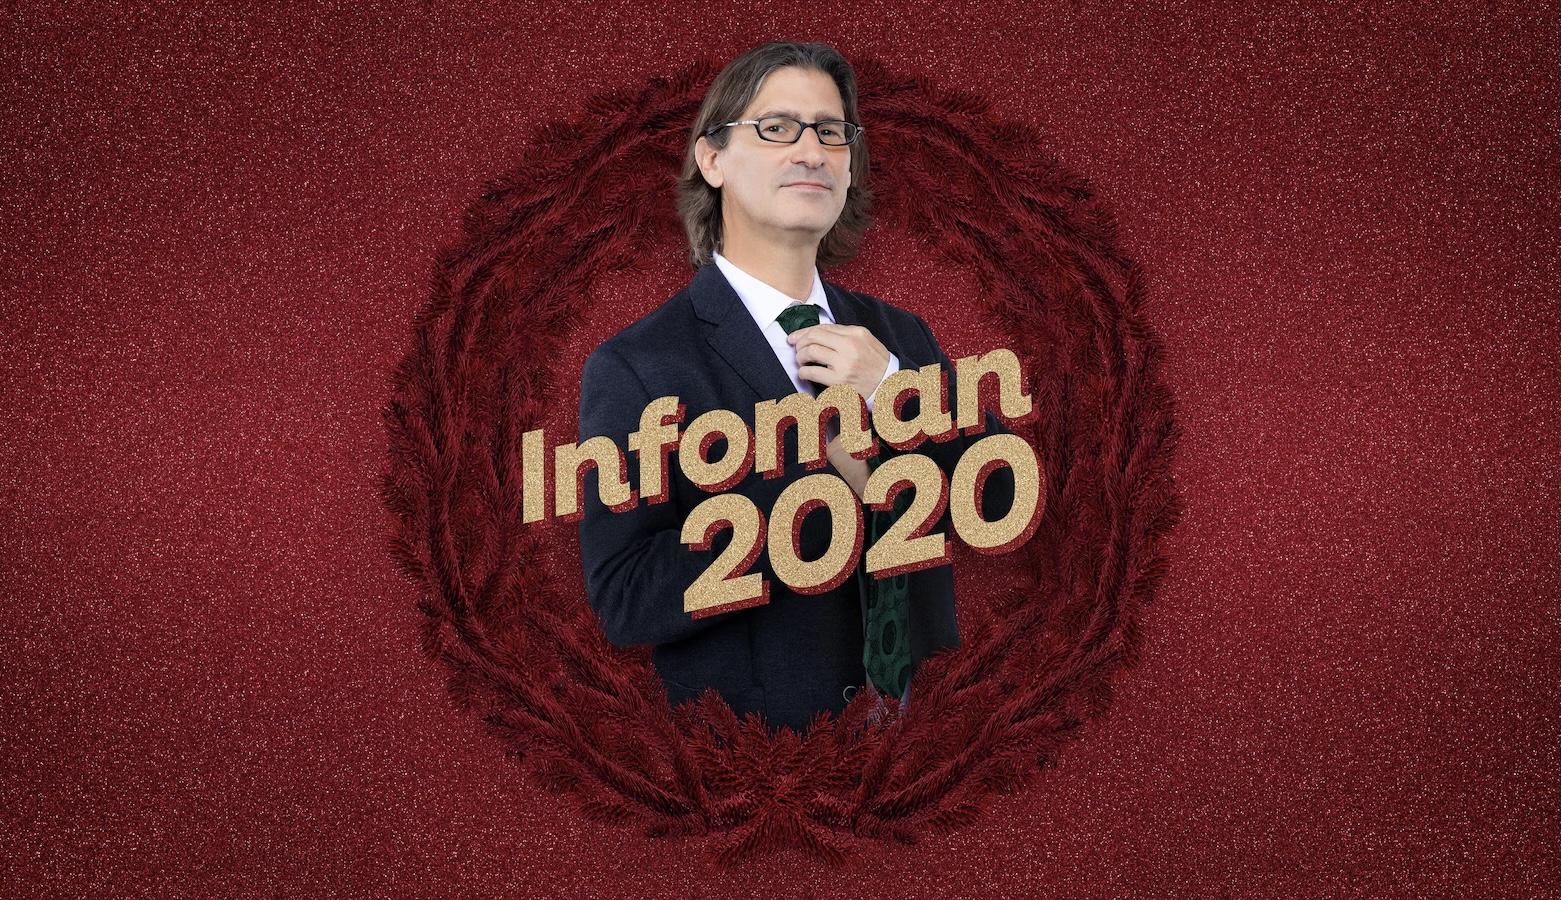 Infoman: Ce qu'il faut savoir de l'édition du 31 décembre 2020